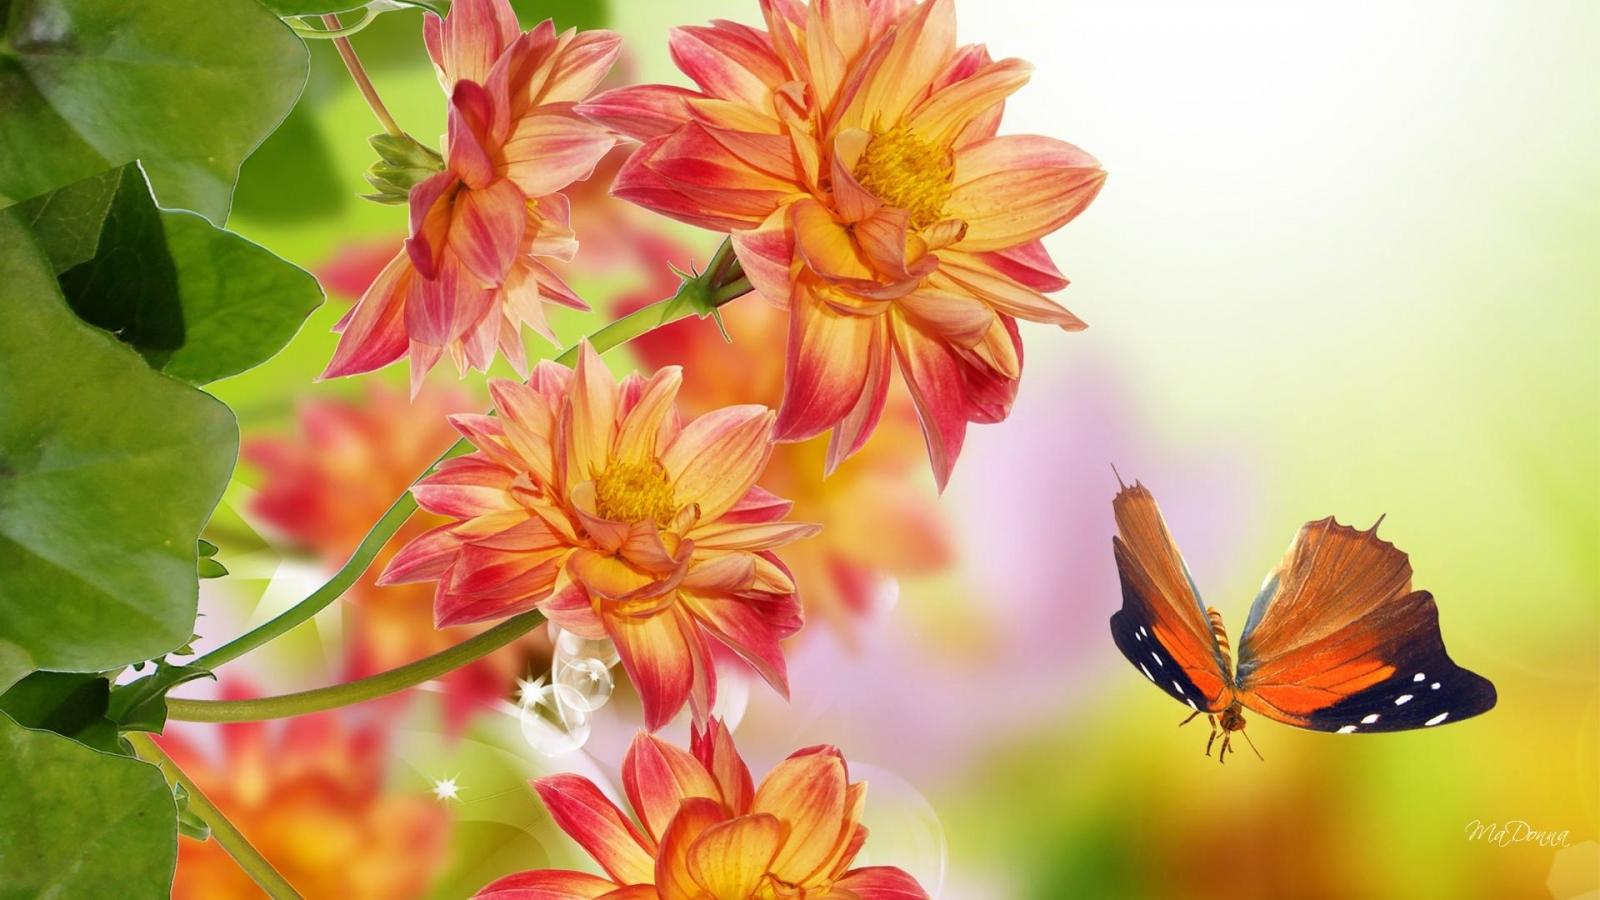 Butterfly vs orange flowers wallpaper in Flowers   plants wallpapers 1600x900